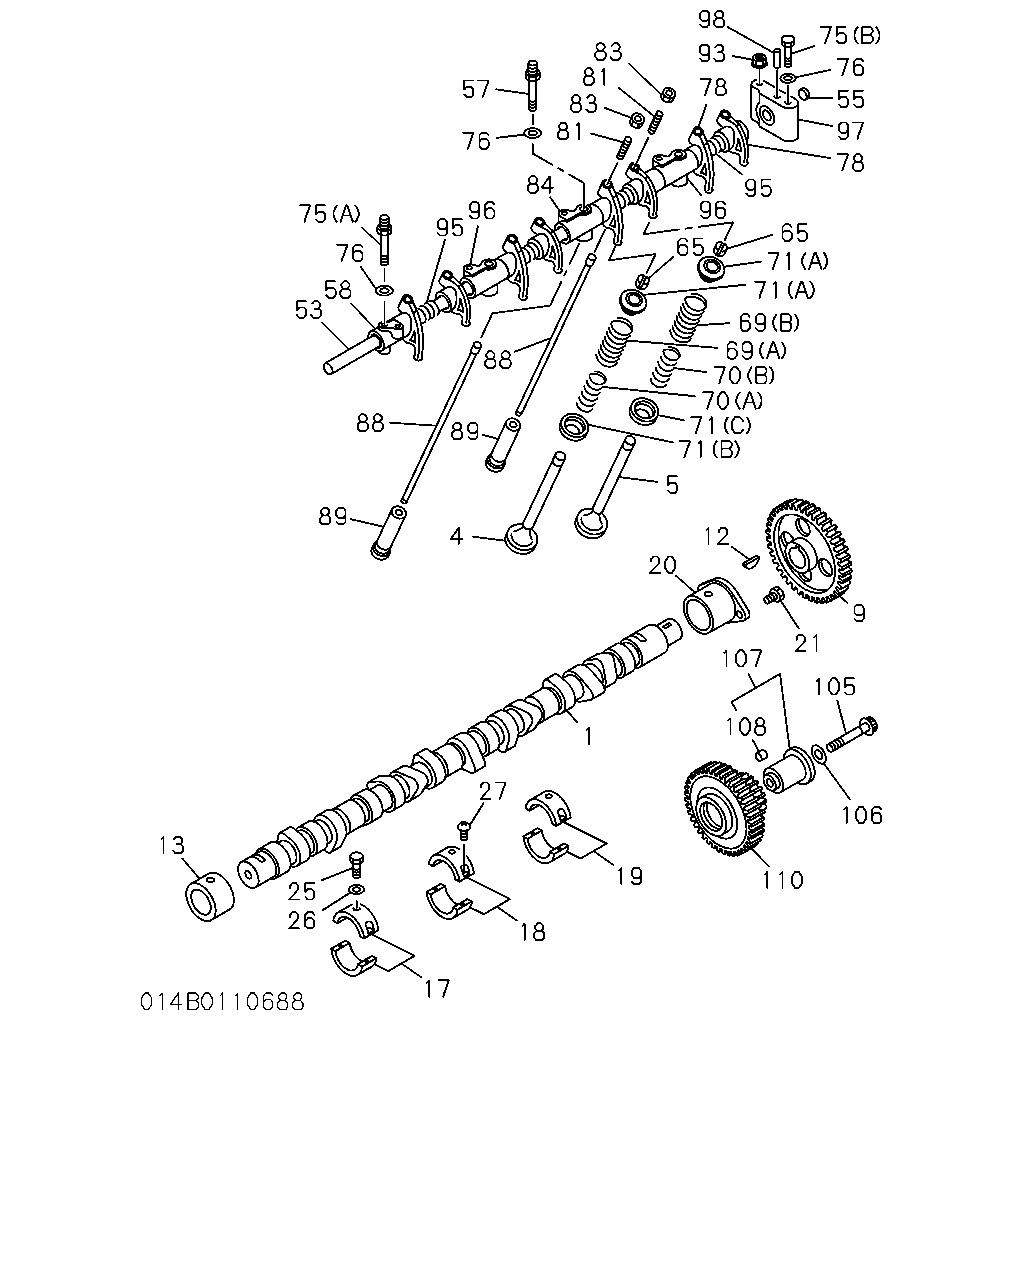 Ce 10688 Cxz Cyz 95 99 0 Engine Emission 6 4l Diagram Parts